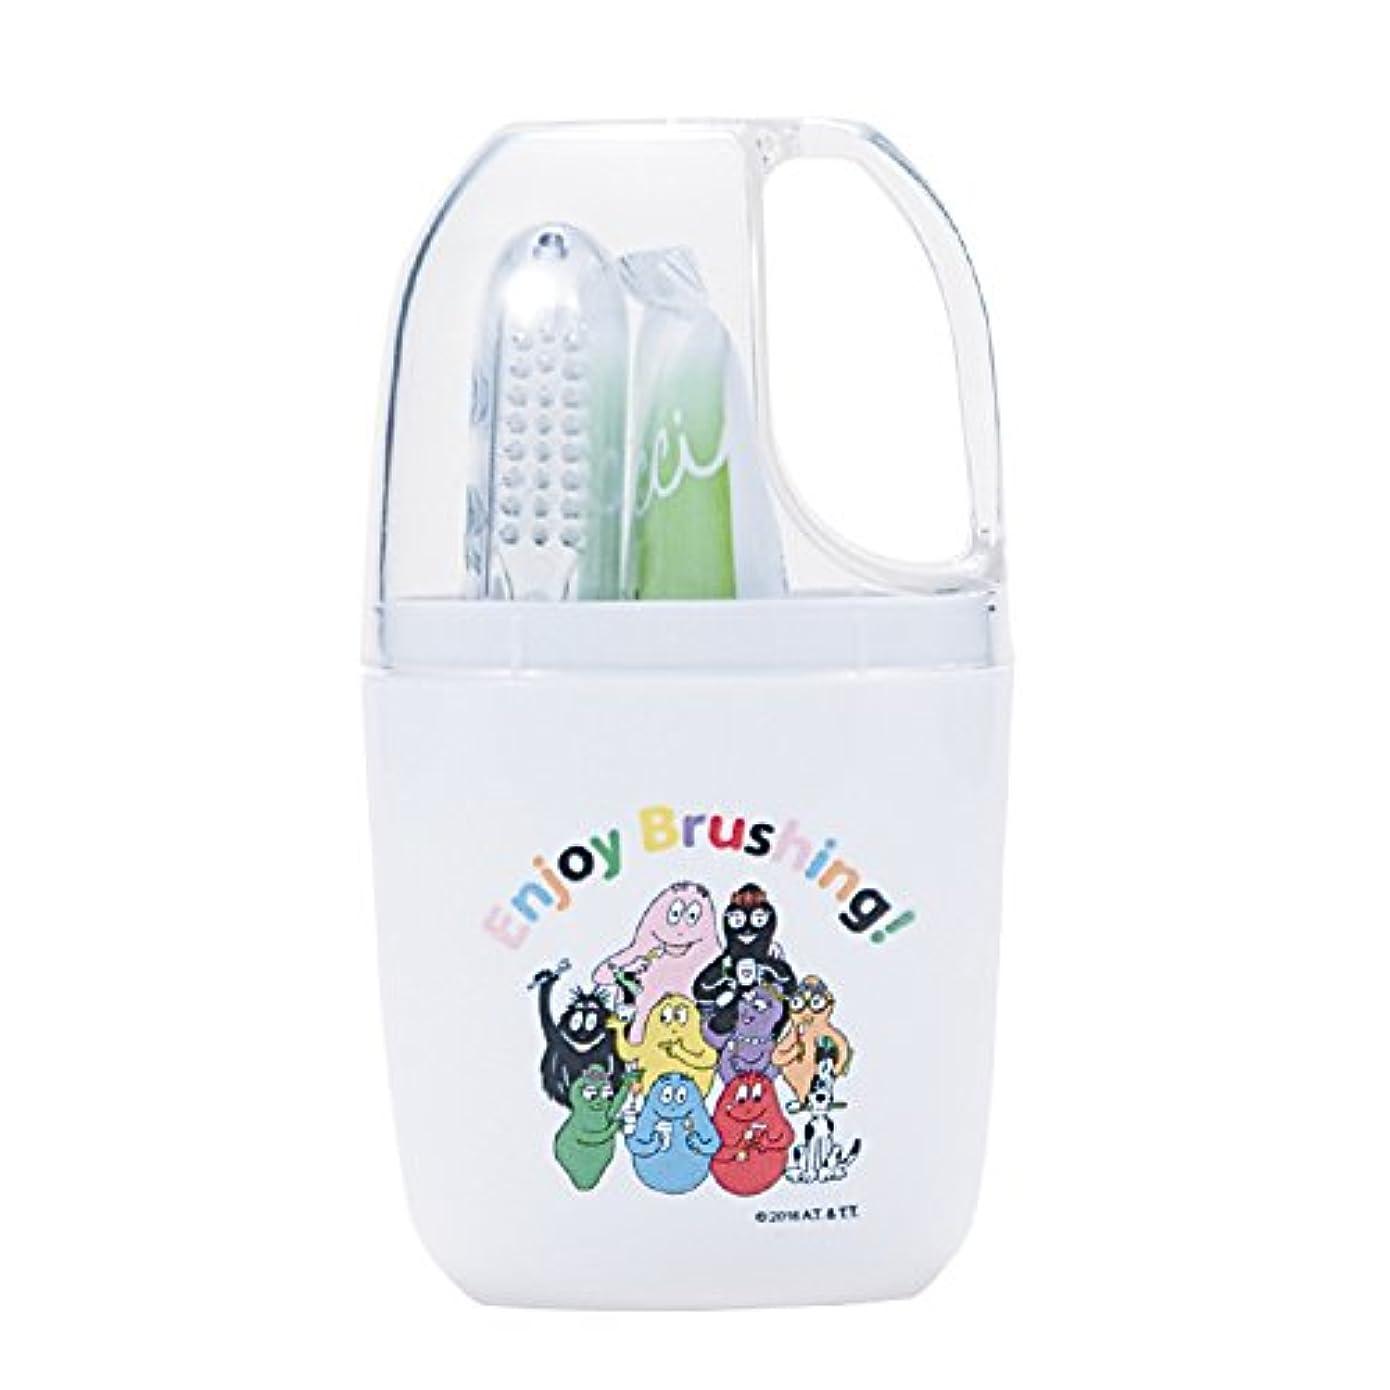 プランターアーティファクト吸収Ci バーバパパ トラベルセット 歯ブラシ (コップ付きセット)